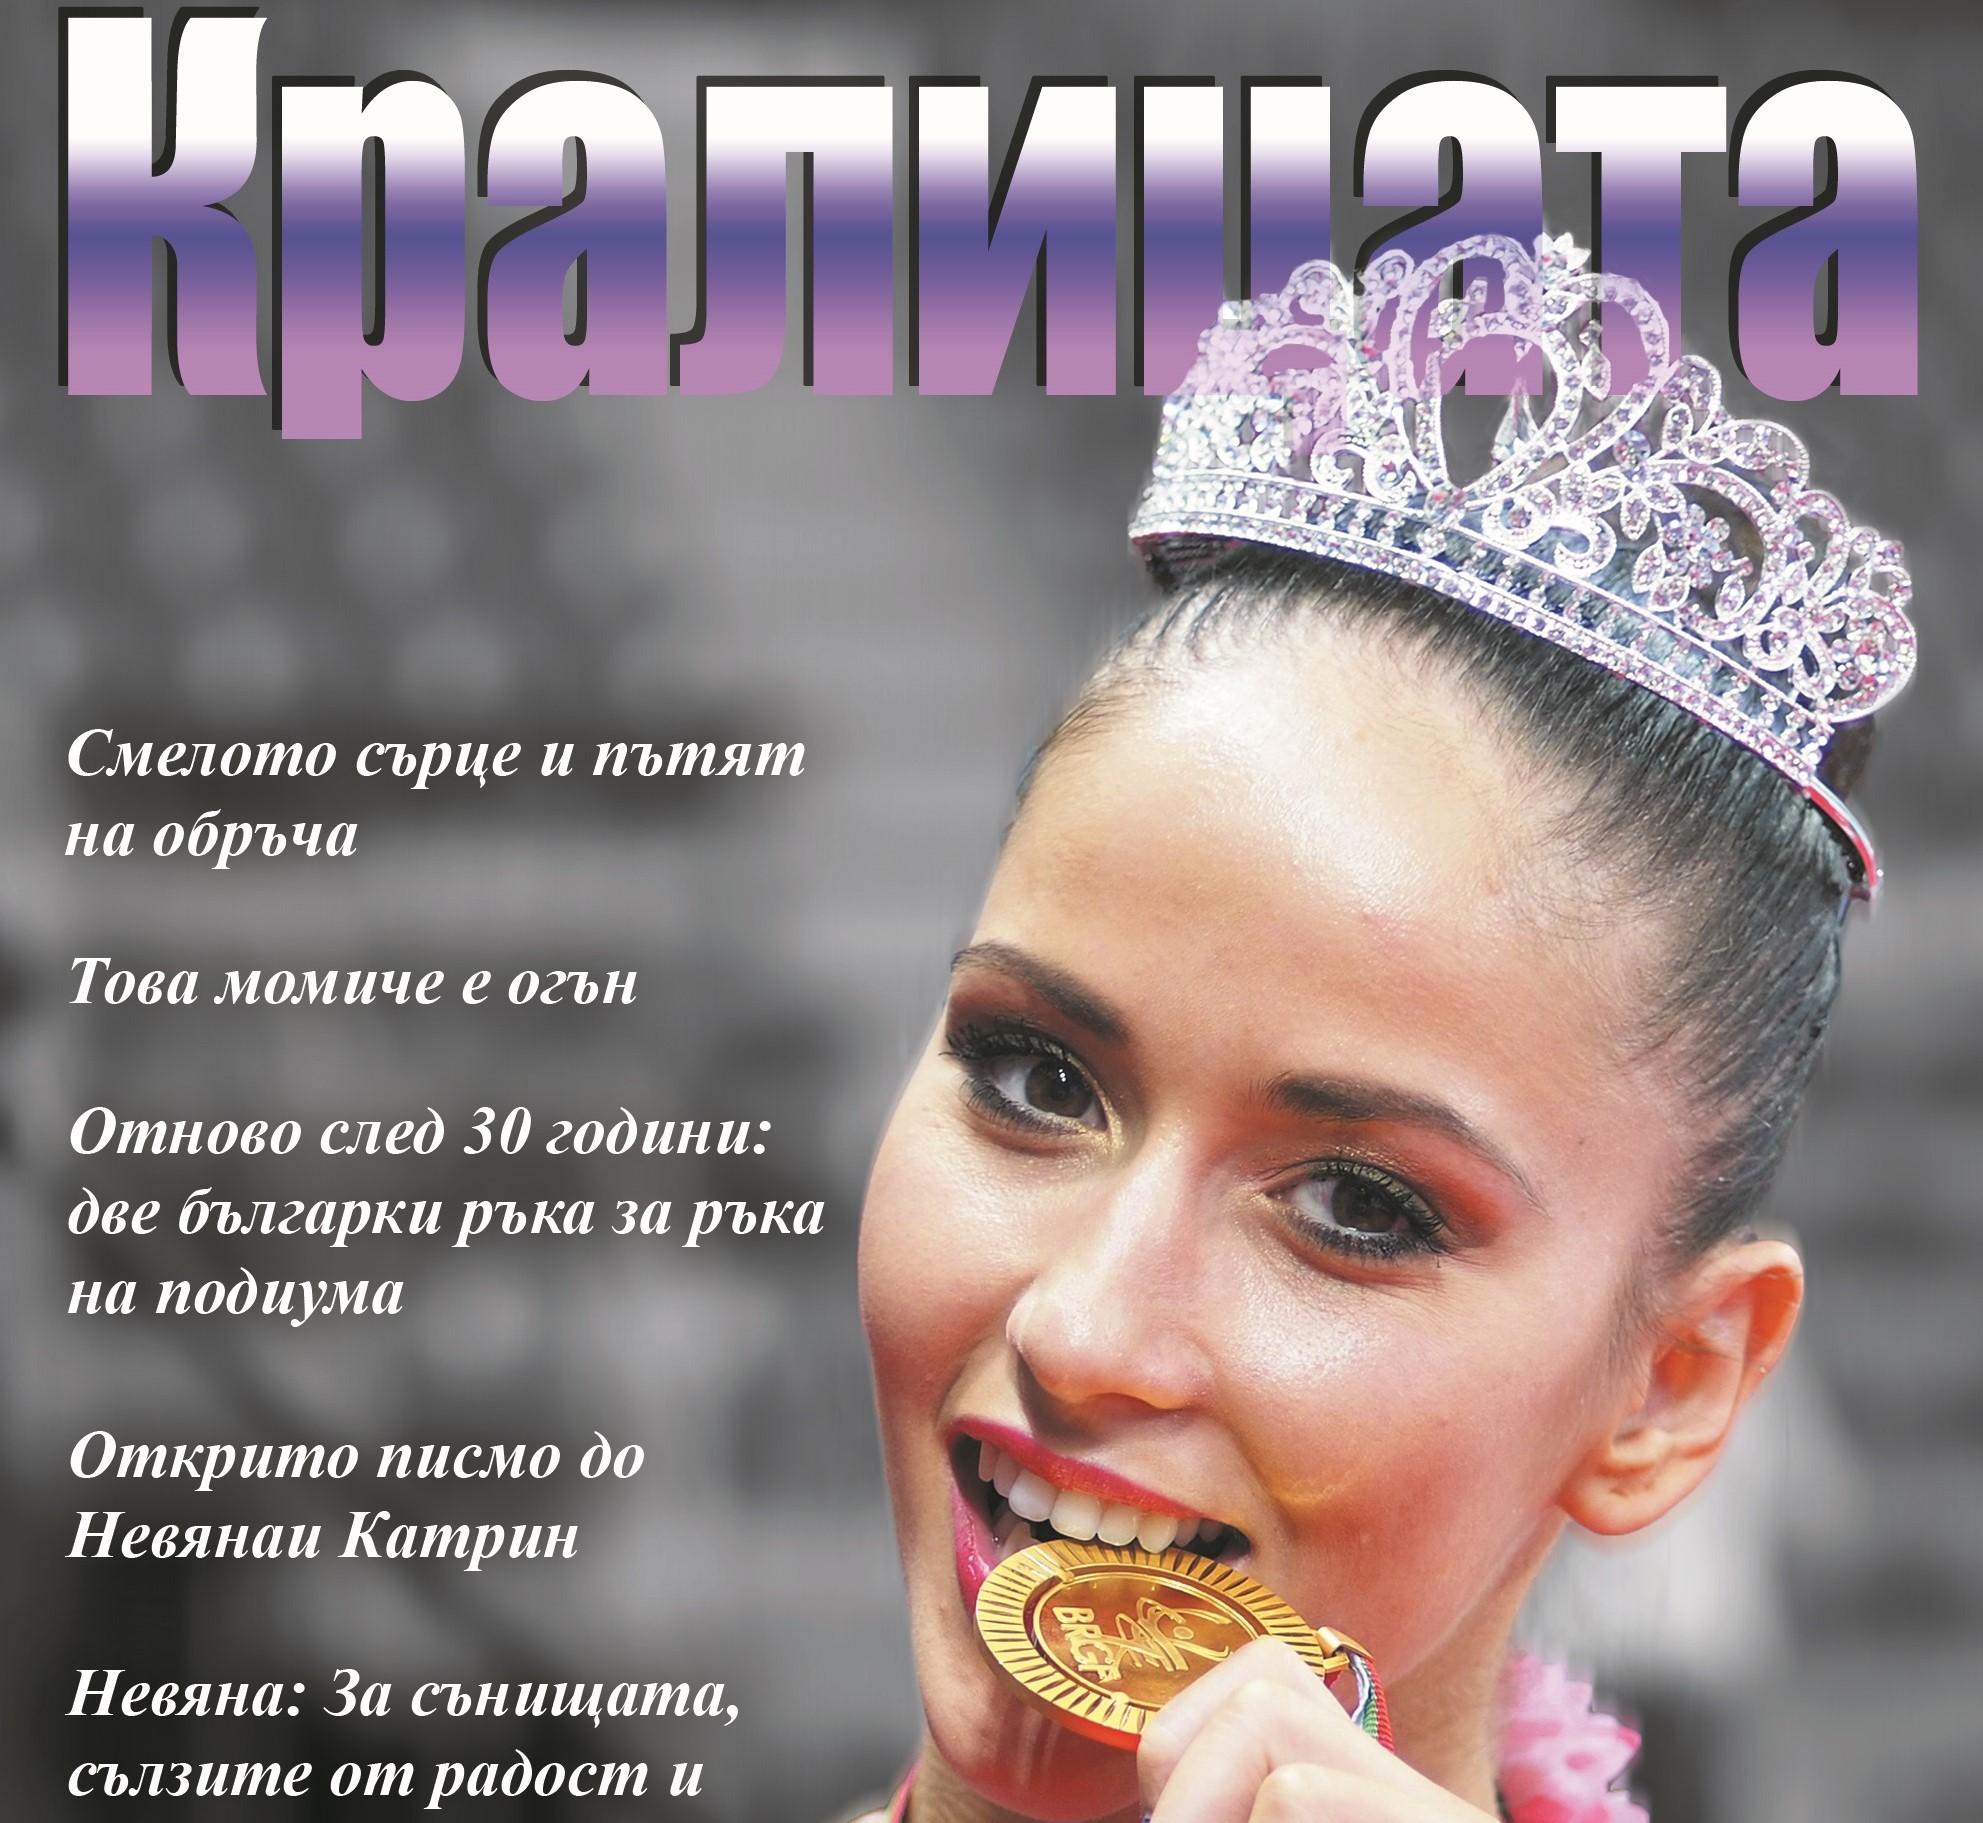 Историята на един прекрасен човек, подарък за Невяна Владинова и феновете й